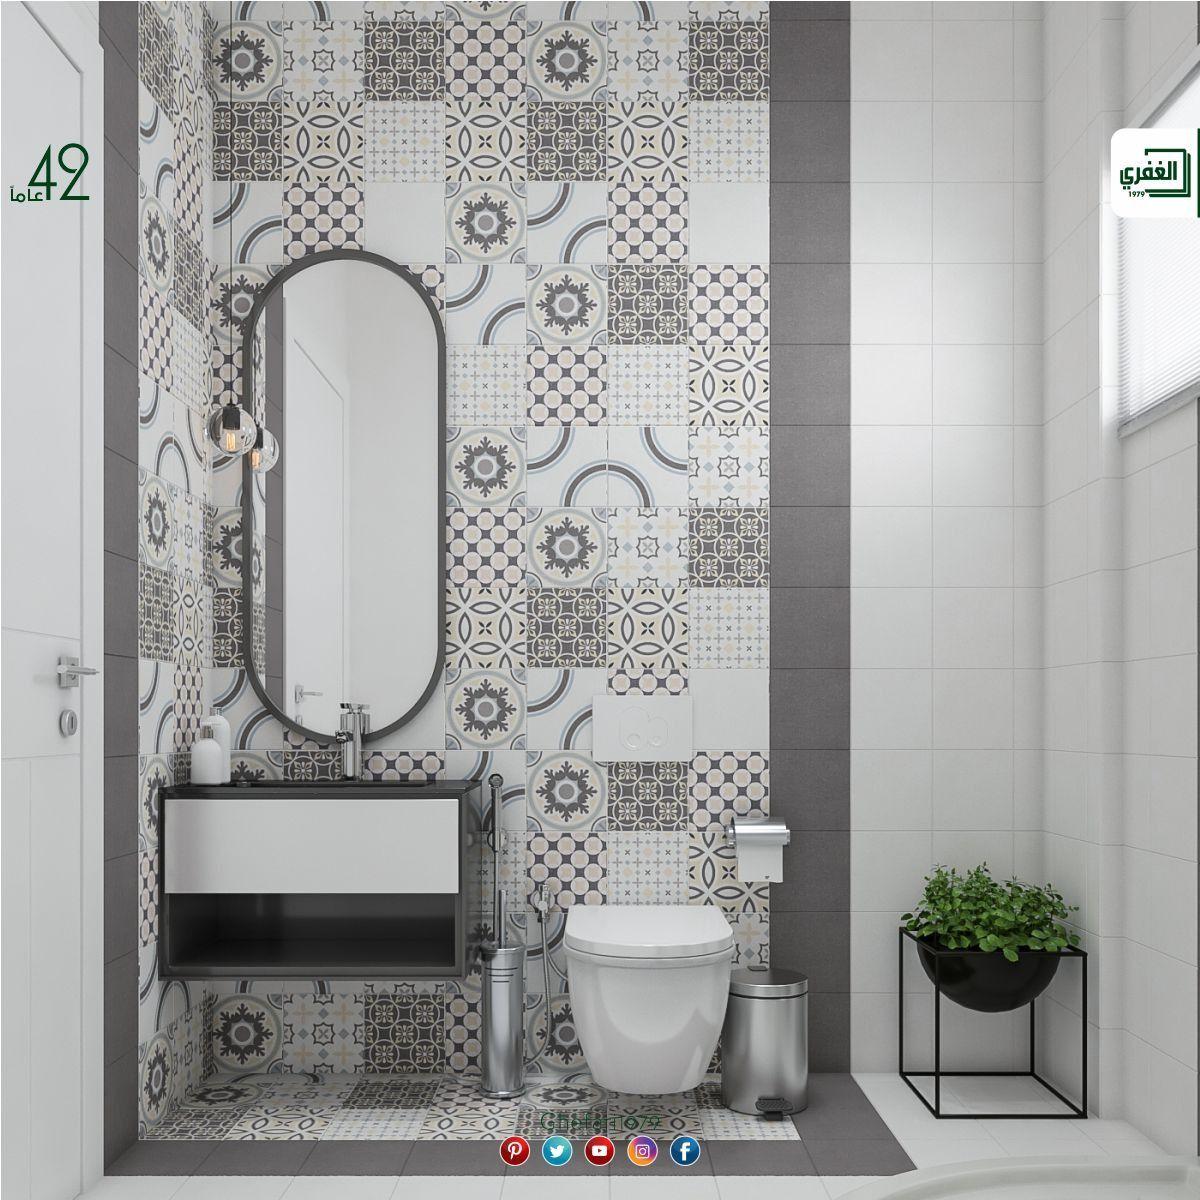 بورسلان أسباني ديكور اندلسي للاستخدام داخل الحمامات المطابخ اماكن اخرى للمزيد زورونا على موقع الشرك In 2021 Round Mirror Bathroom Bathrooms Remodel Bathroom Mirror